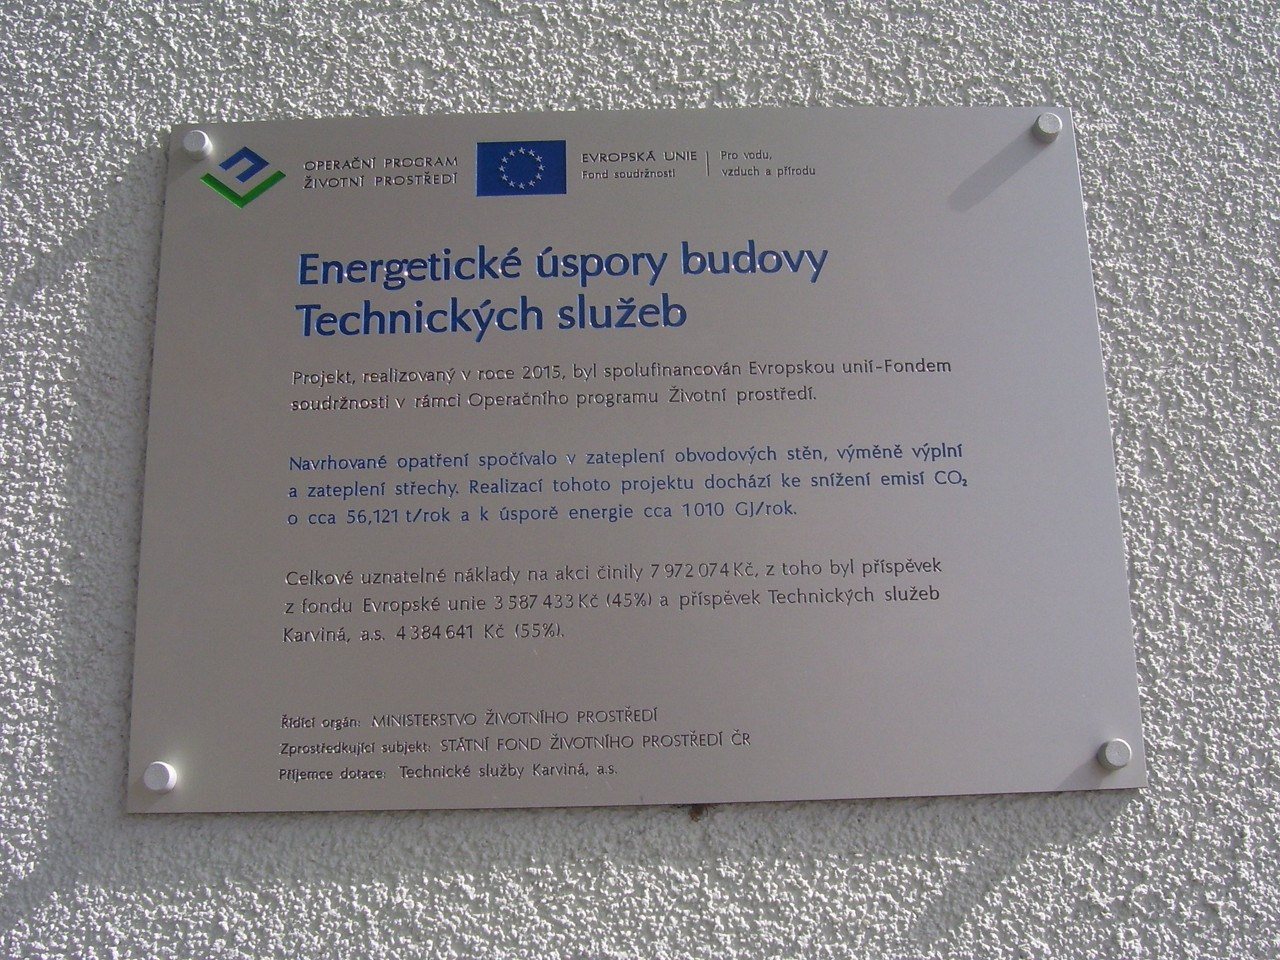 Štítek projektu Energetické úspory budovy technických služeb